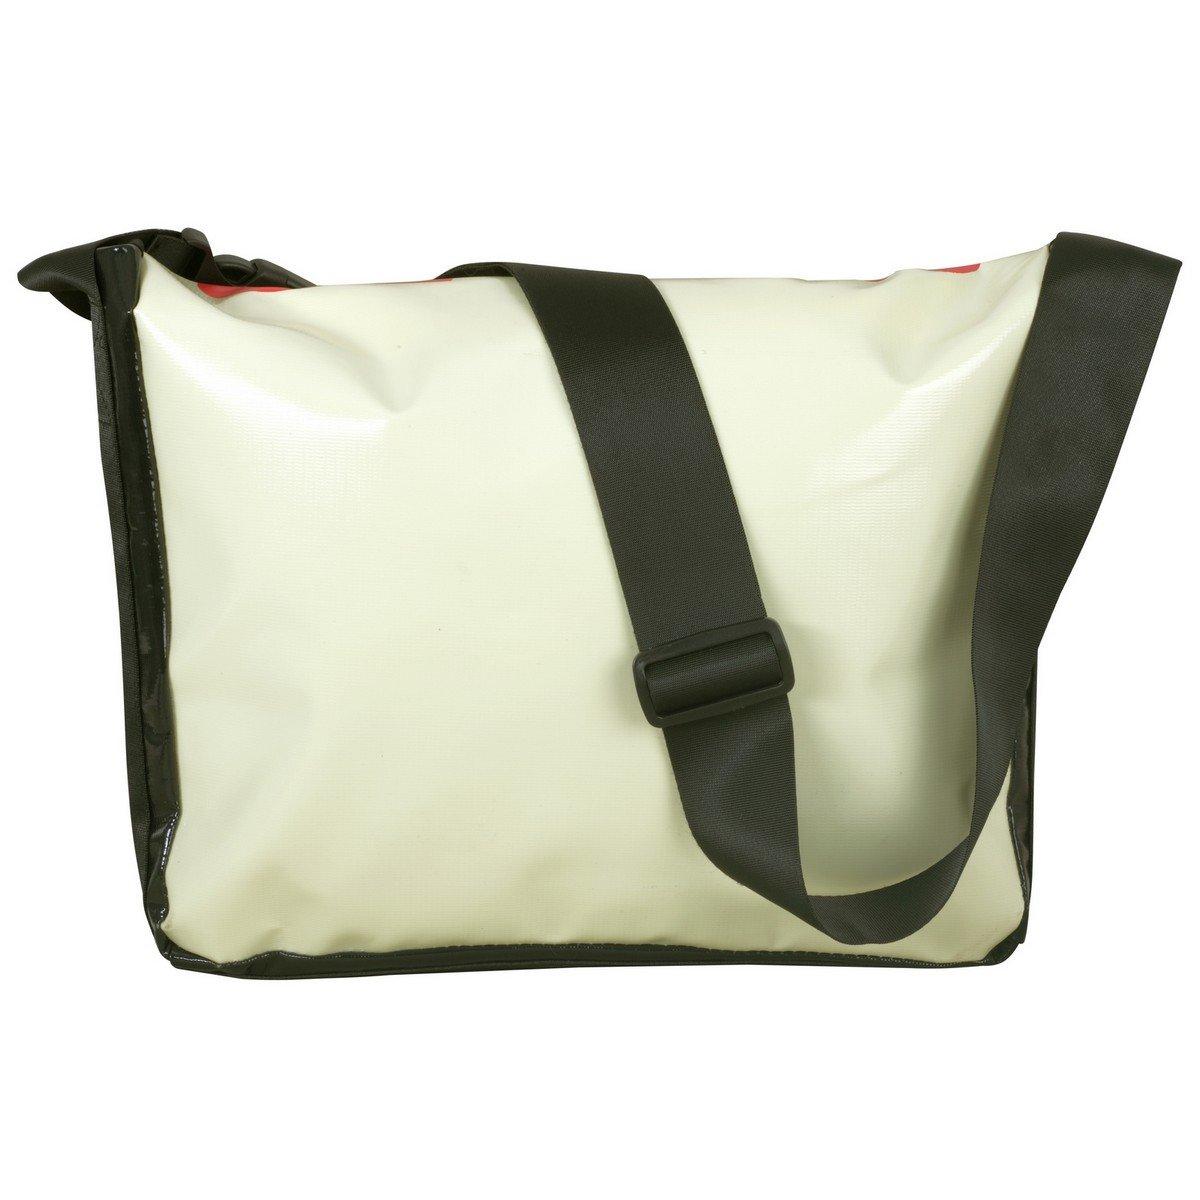 bfc4da2f69dde Unisign LKW PLANEN Tasche Messenger Bag Kuriertasche Schultertasche   Amazon.de  Schuhe   Handtaschen